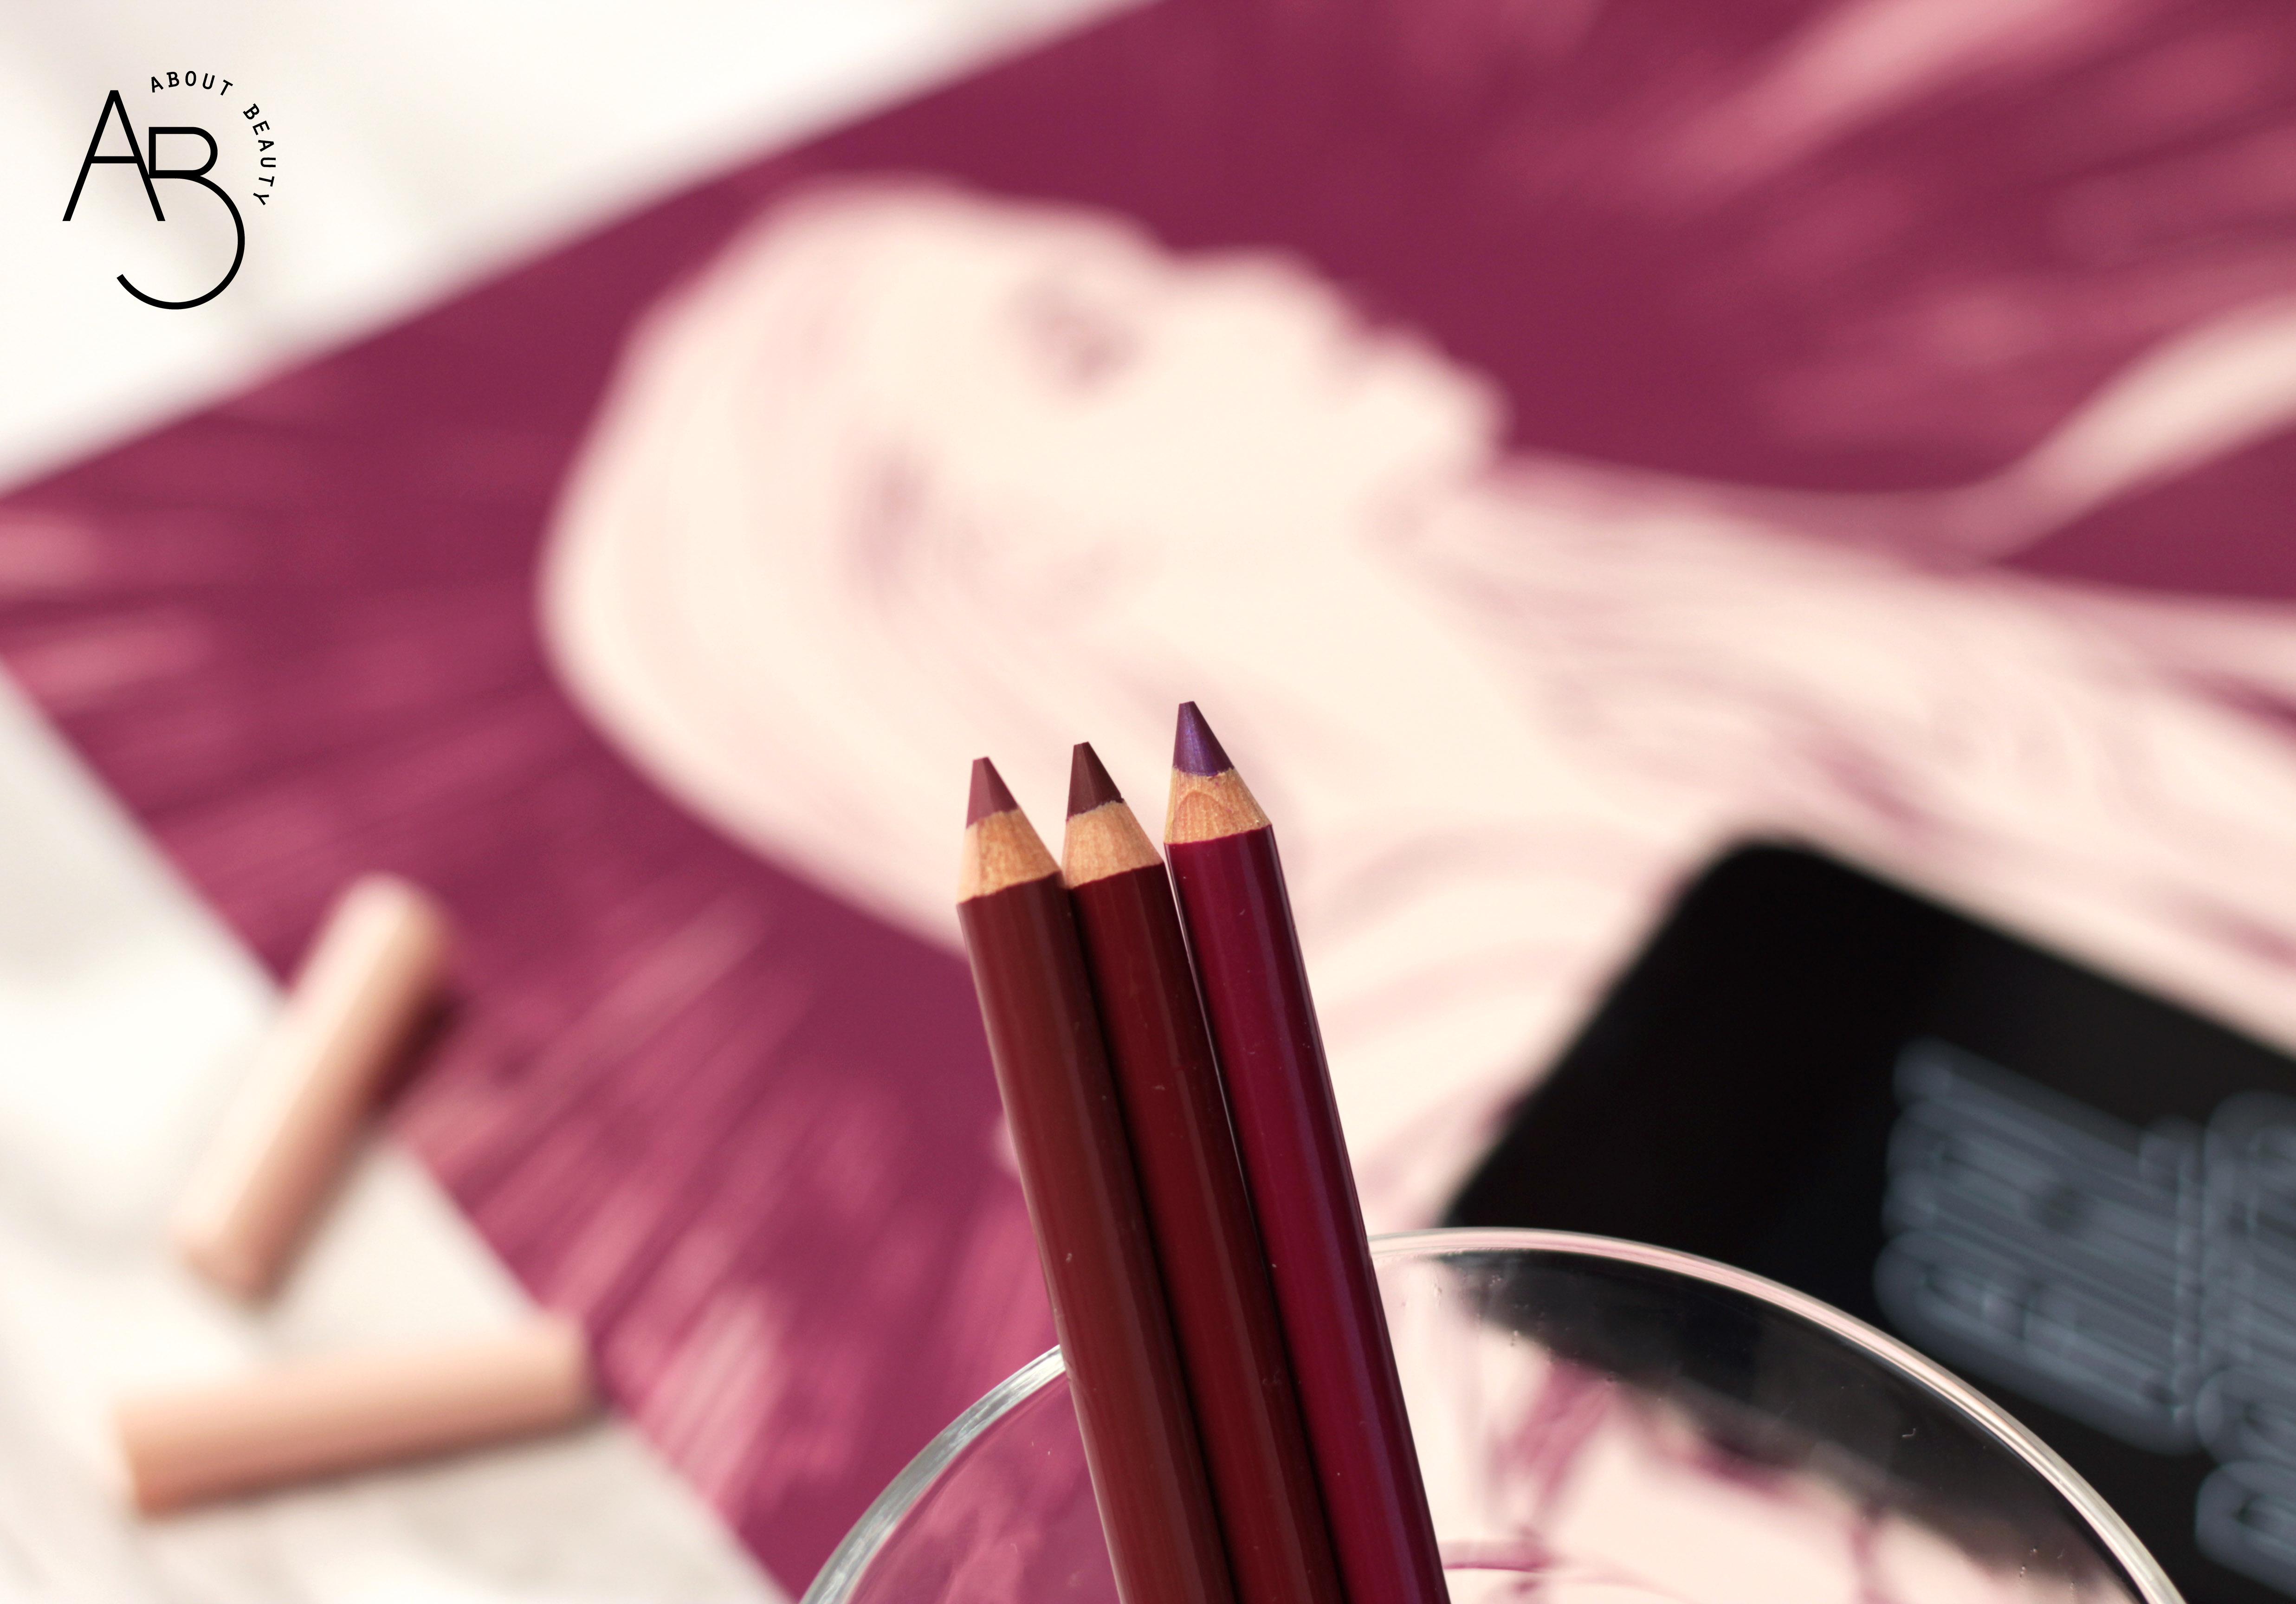 Neve Cosmetics Superheroine Collection - Matite pastello labbra lipliner - Info, review, recensione, prezzo, swatch, dove acquistare - Detail 2